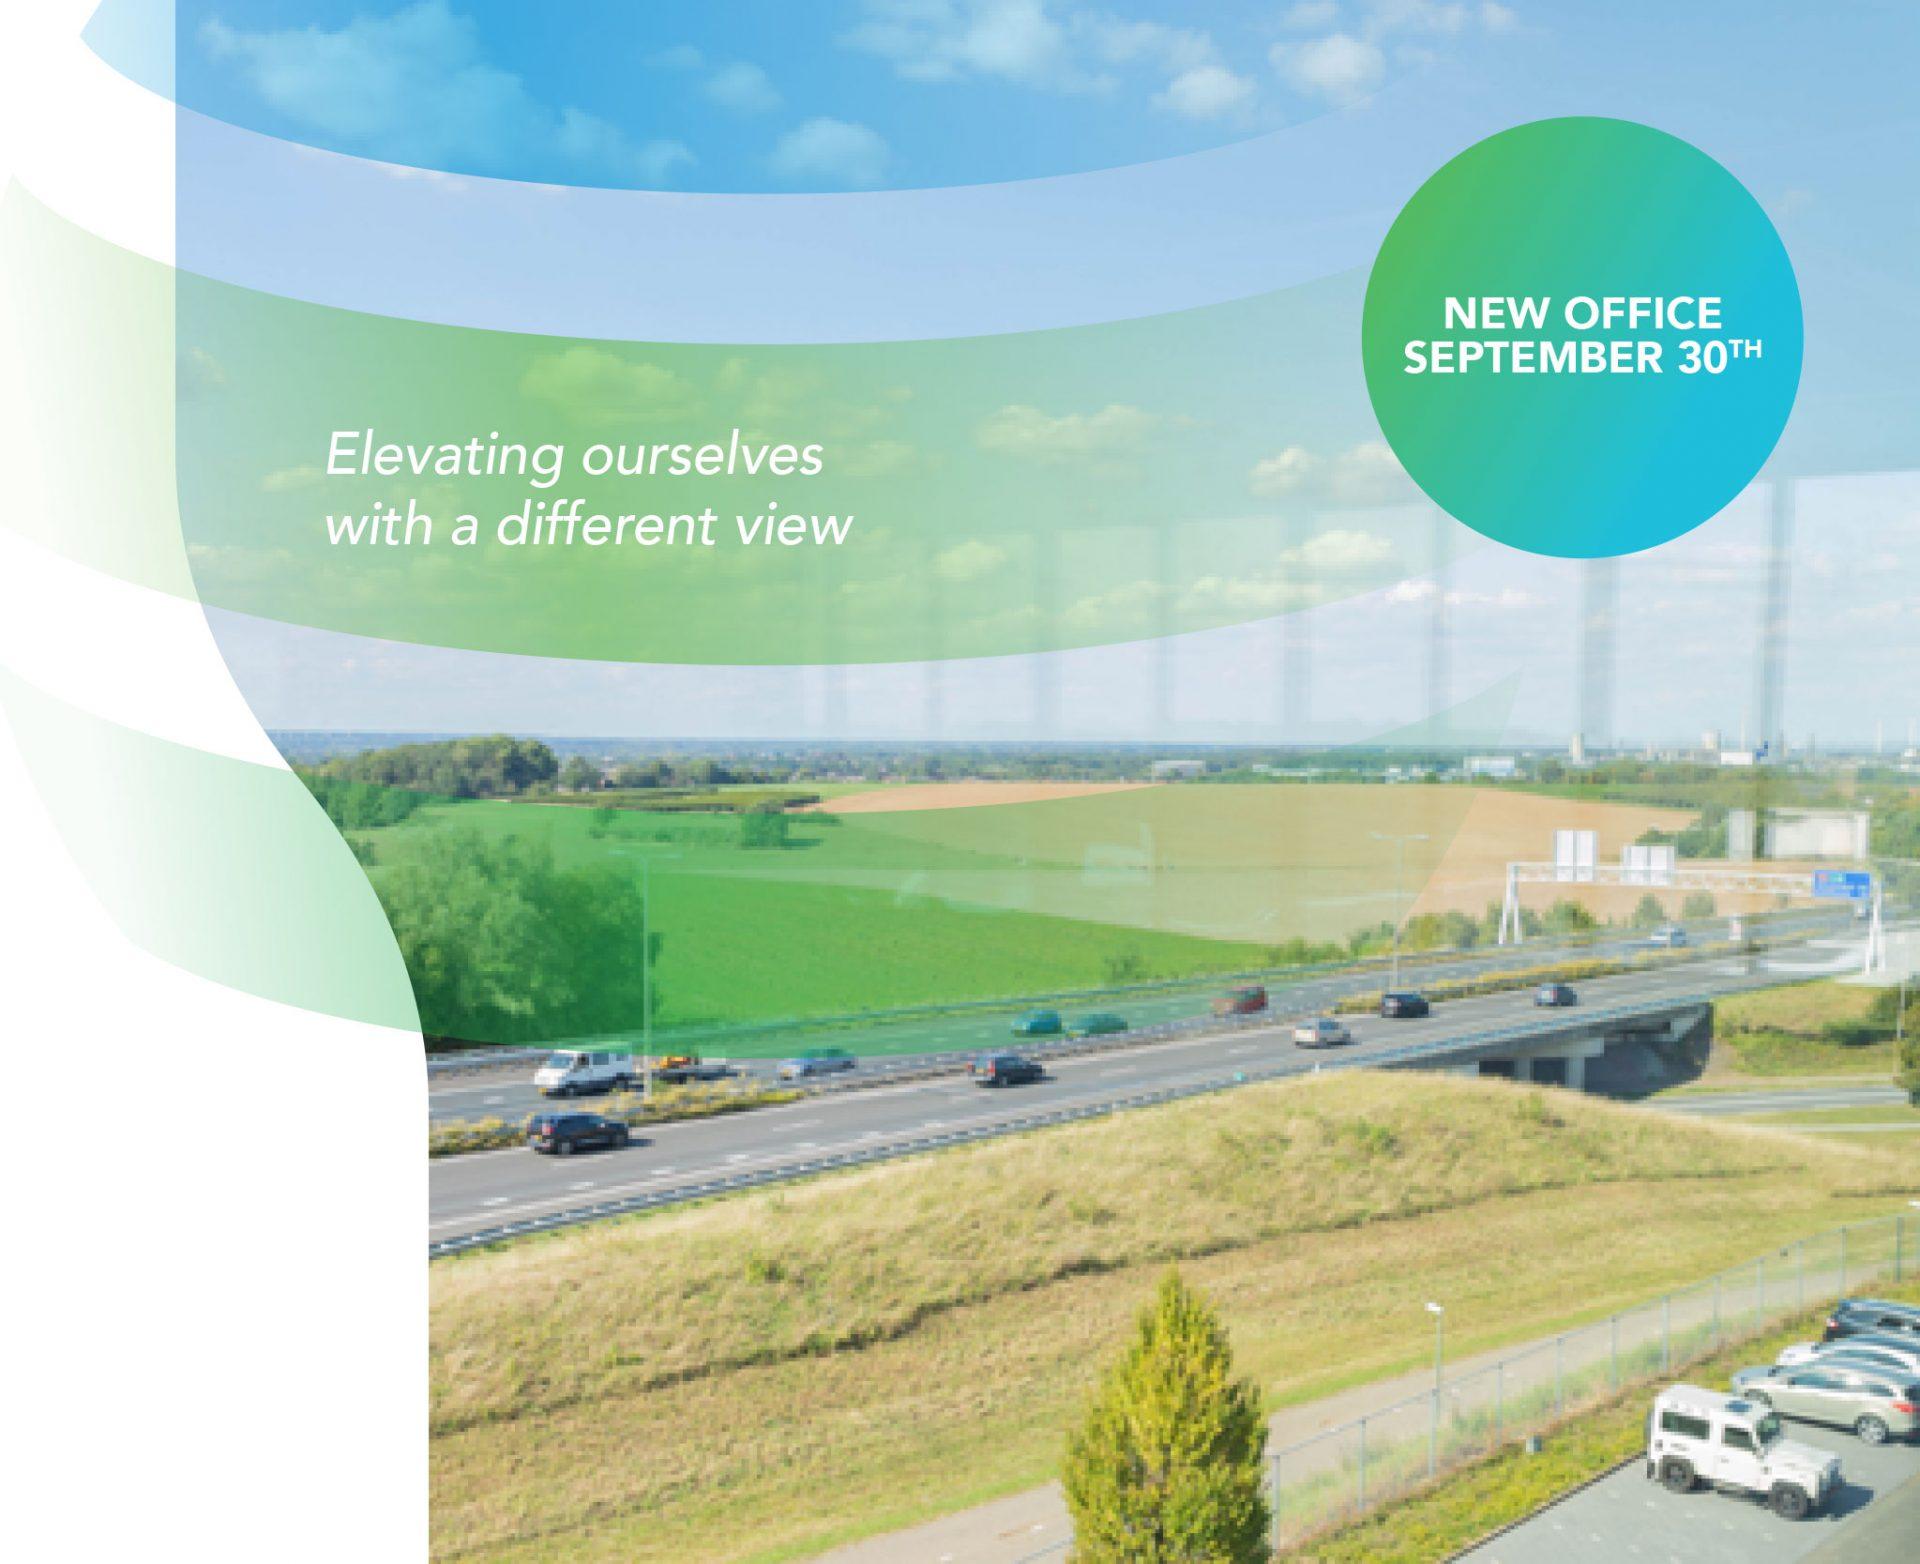 Nieuwe kantoorlocatie Cantel NL